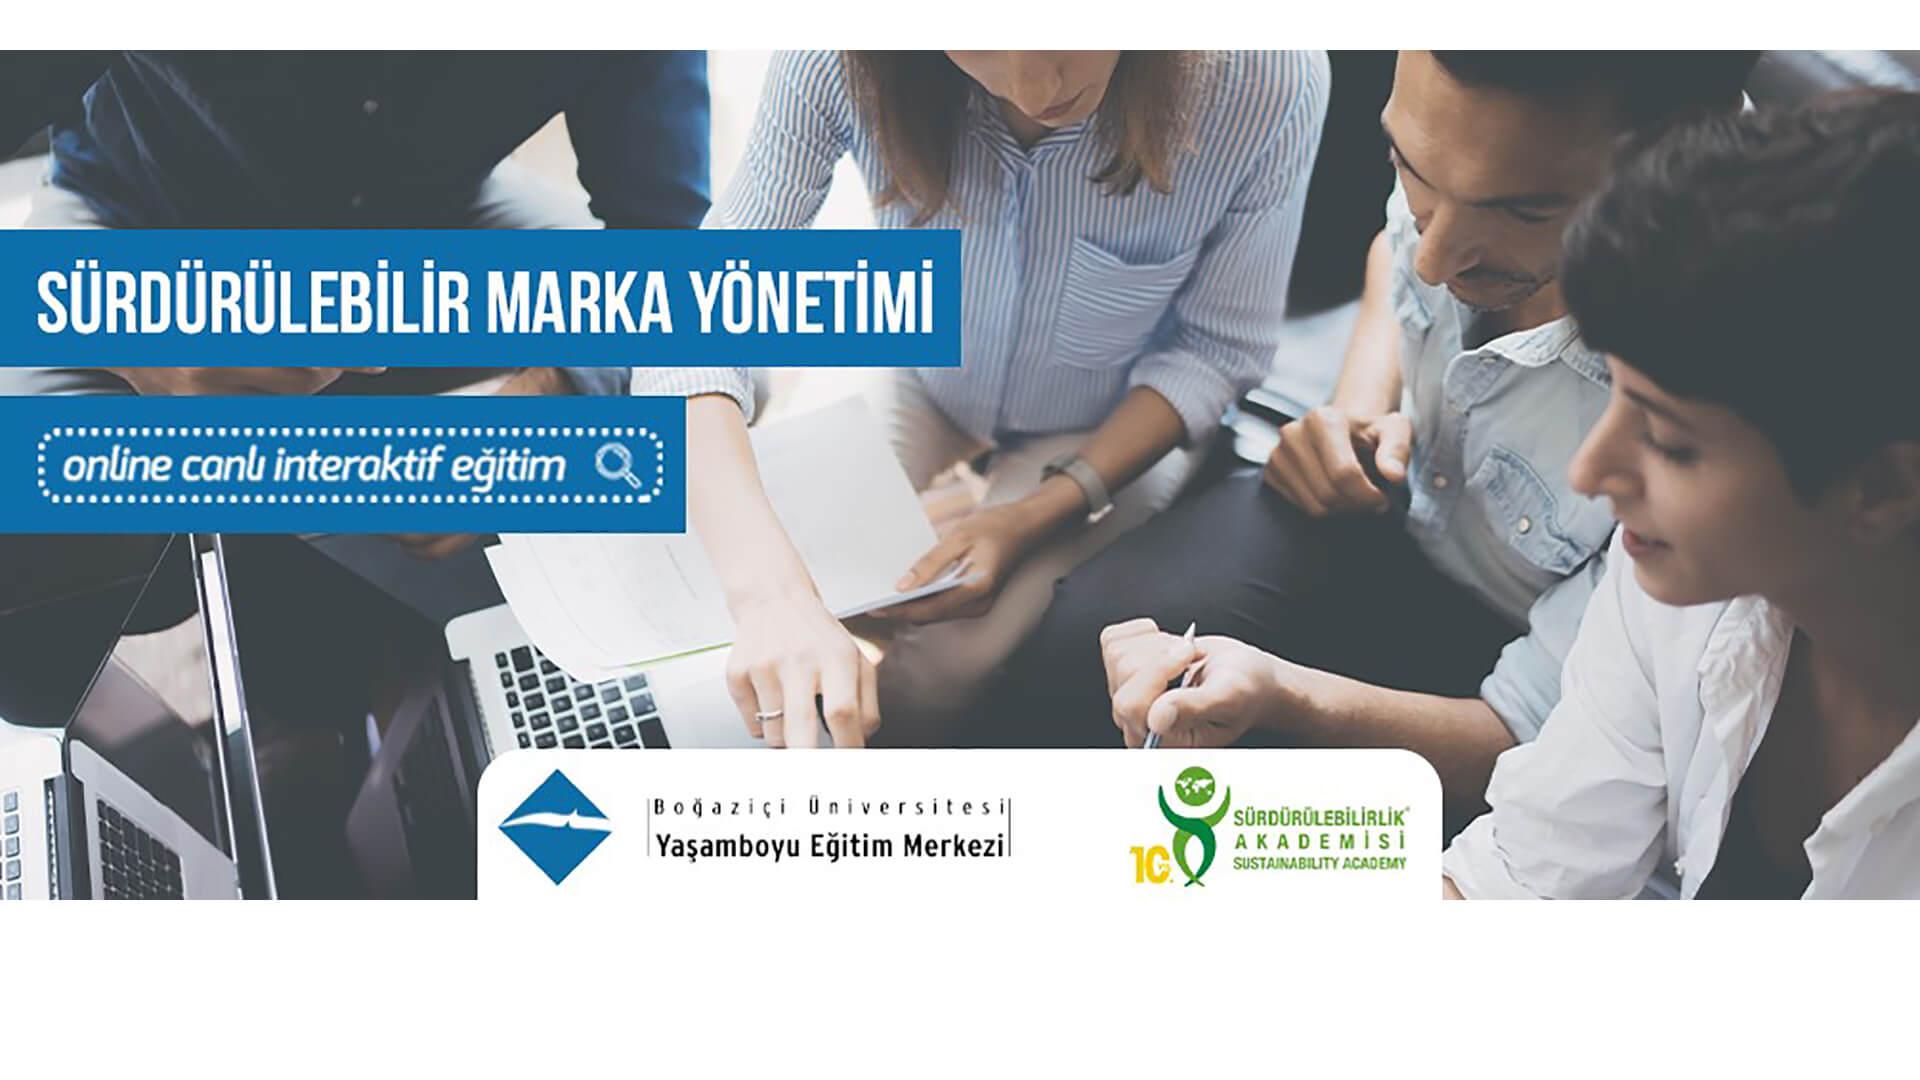 Sürdürülebilirlik Akademisi x BUYEM: Sürdürülebilir Marka Yönetimi Eğitimi (Ekim - Aralık 2020)